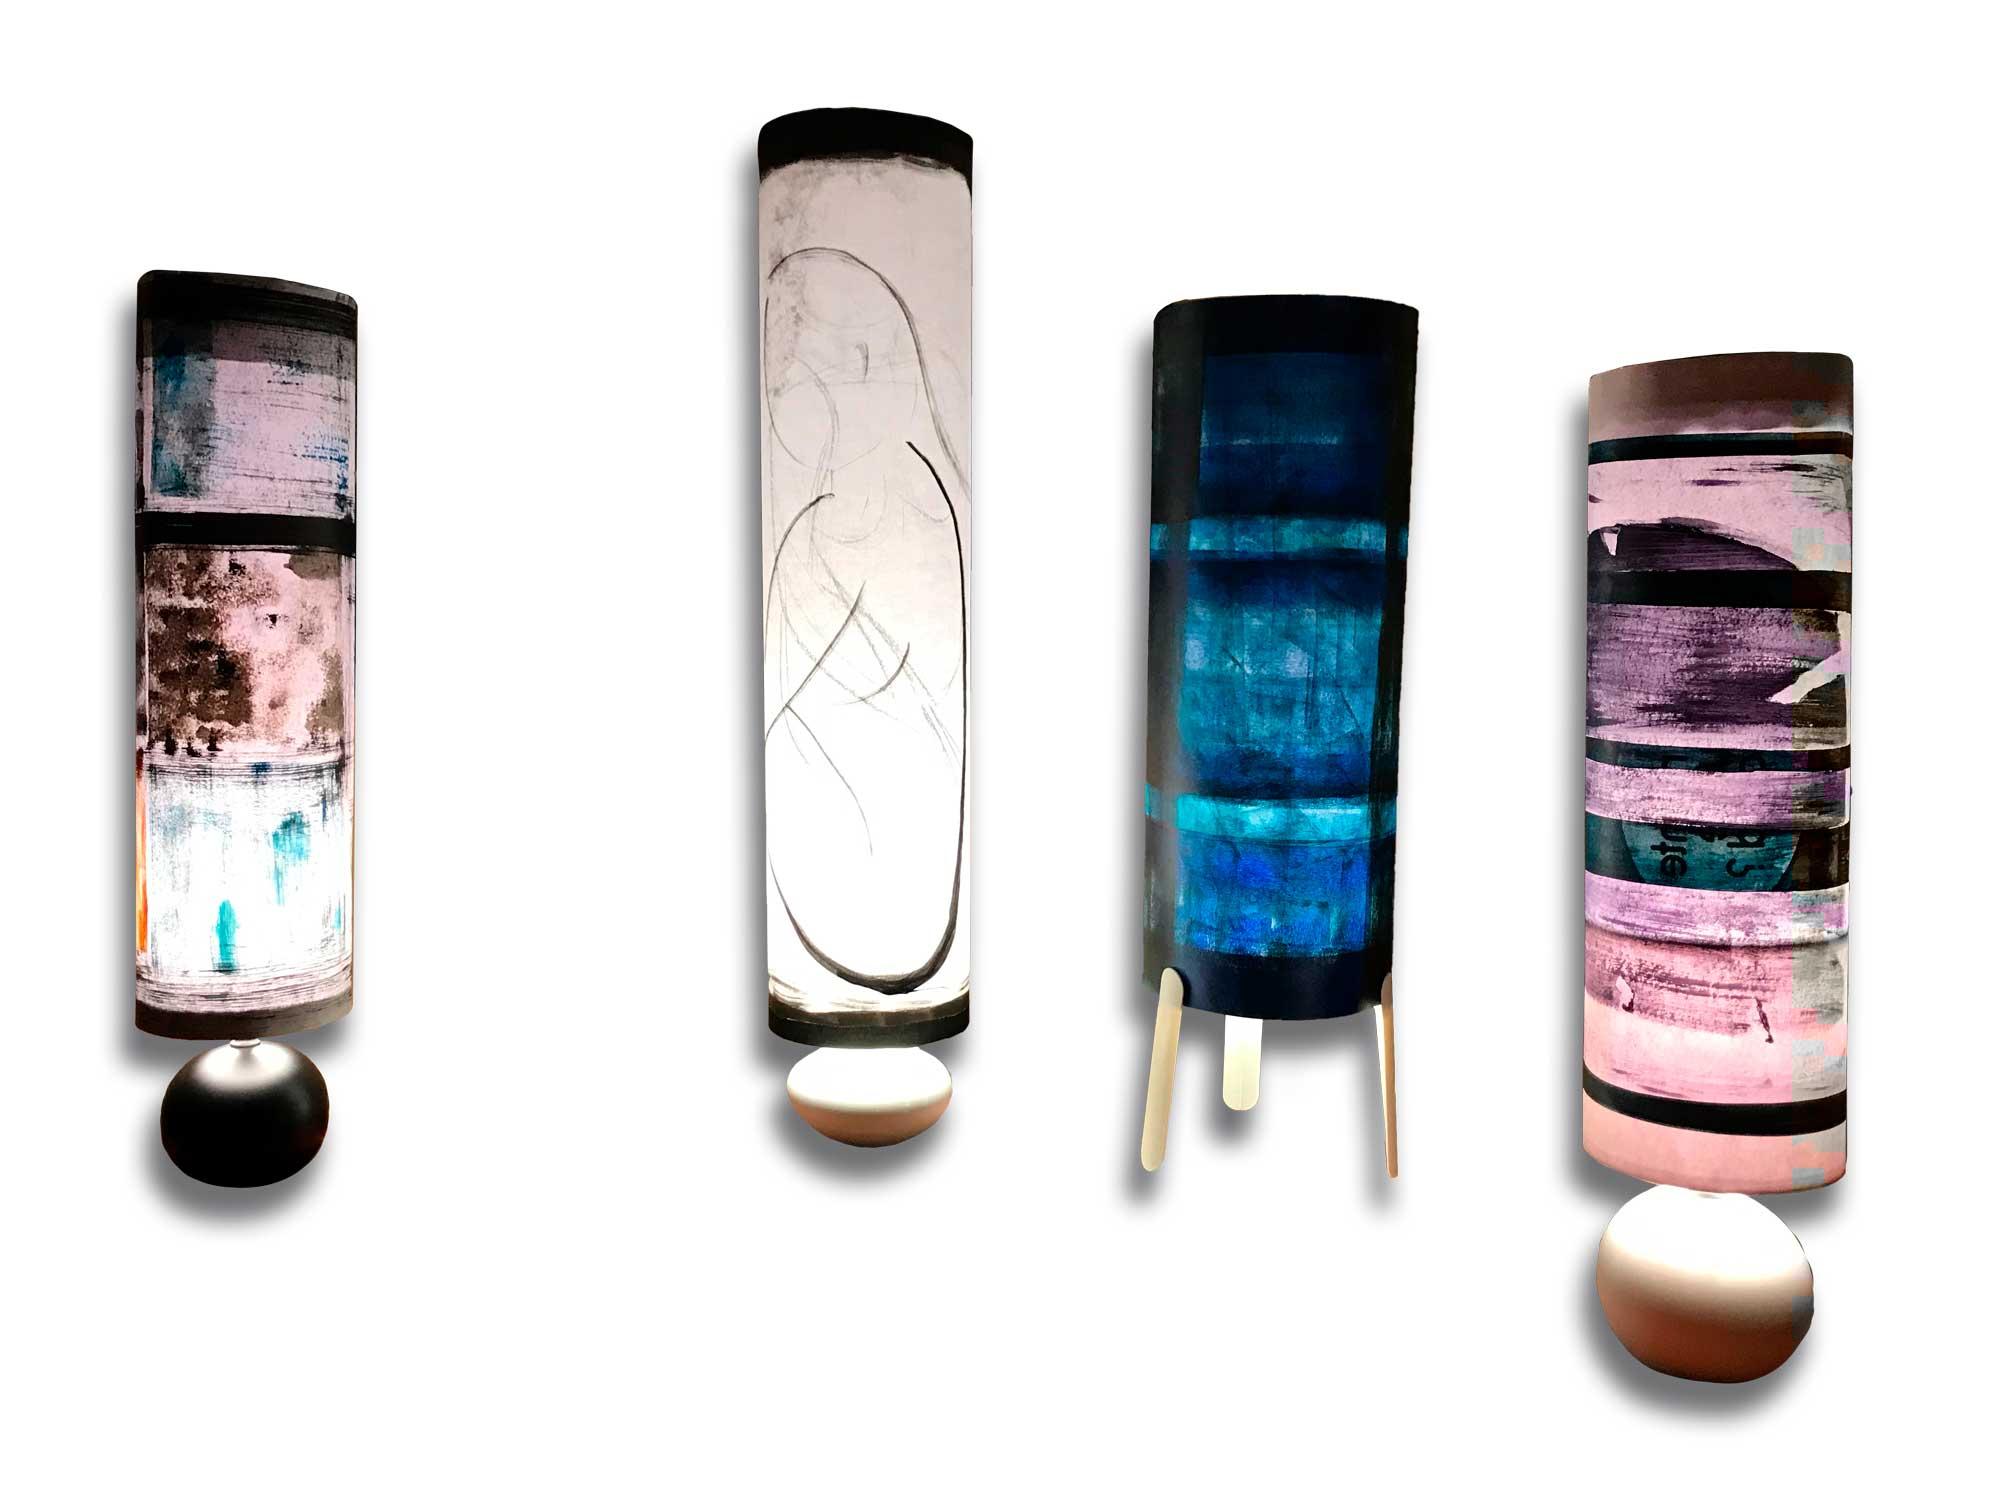 Présentation de quatre Lampes de Créateur